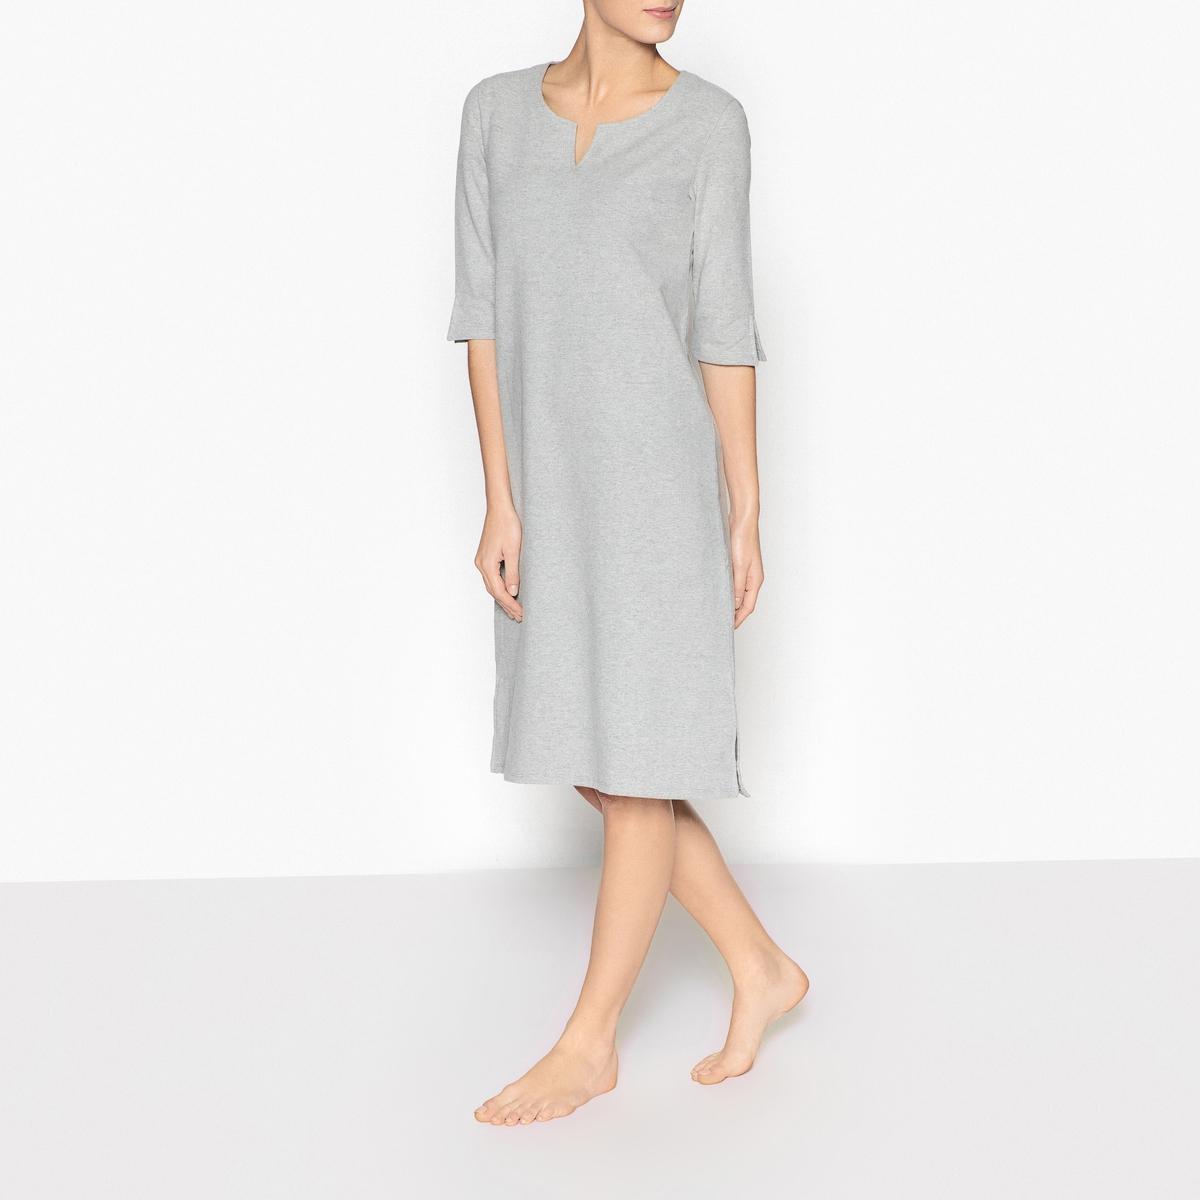 Ночная рубашкаОписание:Очень мягкая ночная рубашка из мольтона, вам будет невероятно косфортно в ней с наступлением вечера . Оригинальная форма .Детали изделия •  Стильная ночная рубашка   •  Круглый вырез с выемкой  . •  Рукава 3/4 со шлицей . •  Шлица снизу по бокам . •  Длина : 110 см.Состав и уход •  Материал : 80% хлопка, 15% вискозы, 5% эластана. •  Машинная стирка при 40°C в деликатном режиме. •  Стирать с вещами схожих цветов. •  Стирать и гладить с изнаночной стороны. •  Гладить при низкой температуре.<br><br>Цвет: серый меланж